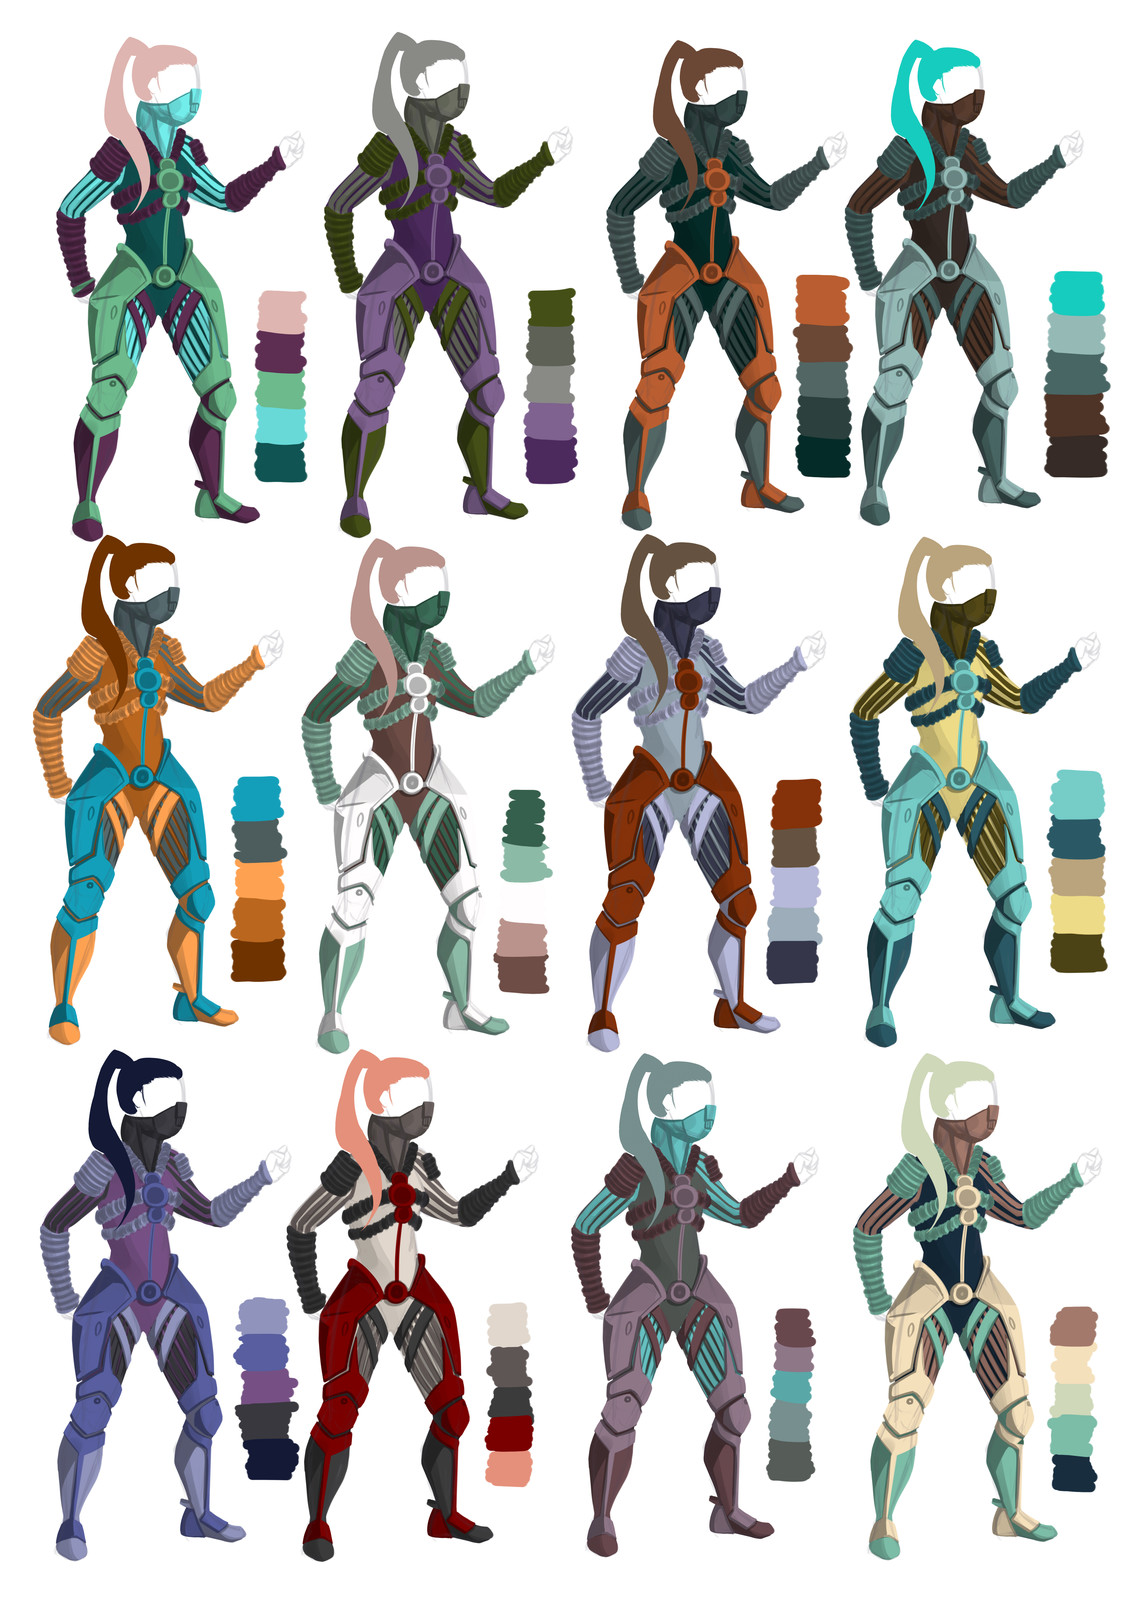 Xono - different color palettes